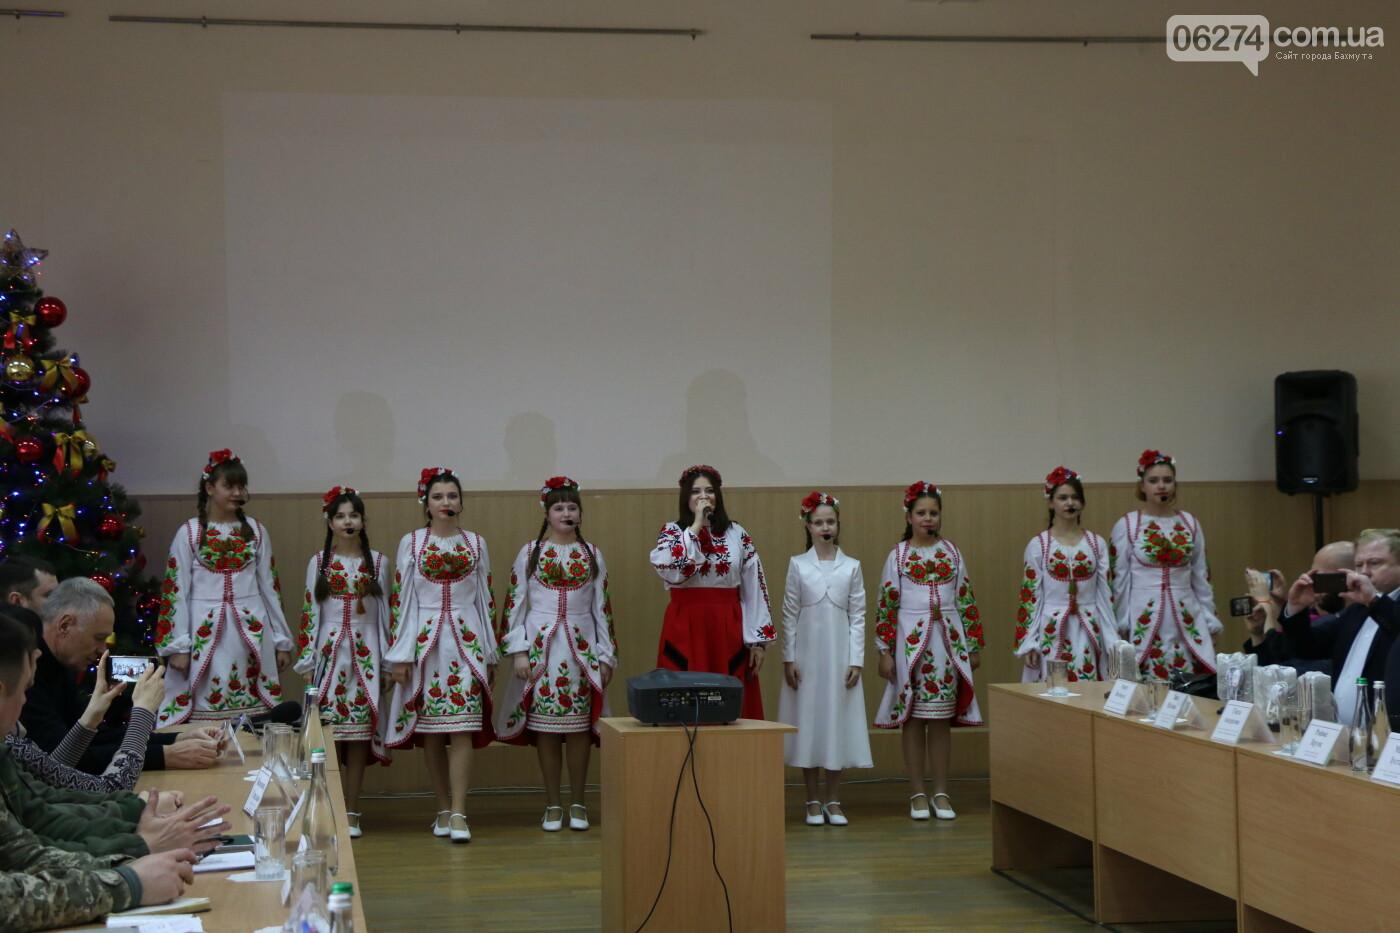 Городской голова Бахмута подписал Договор о сотрудничестве с громадой Салдусского края, фото-8